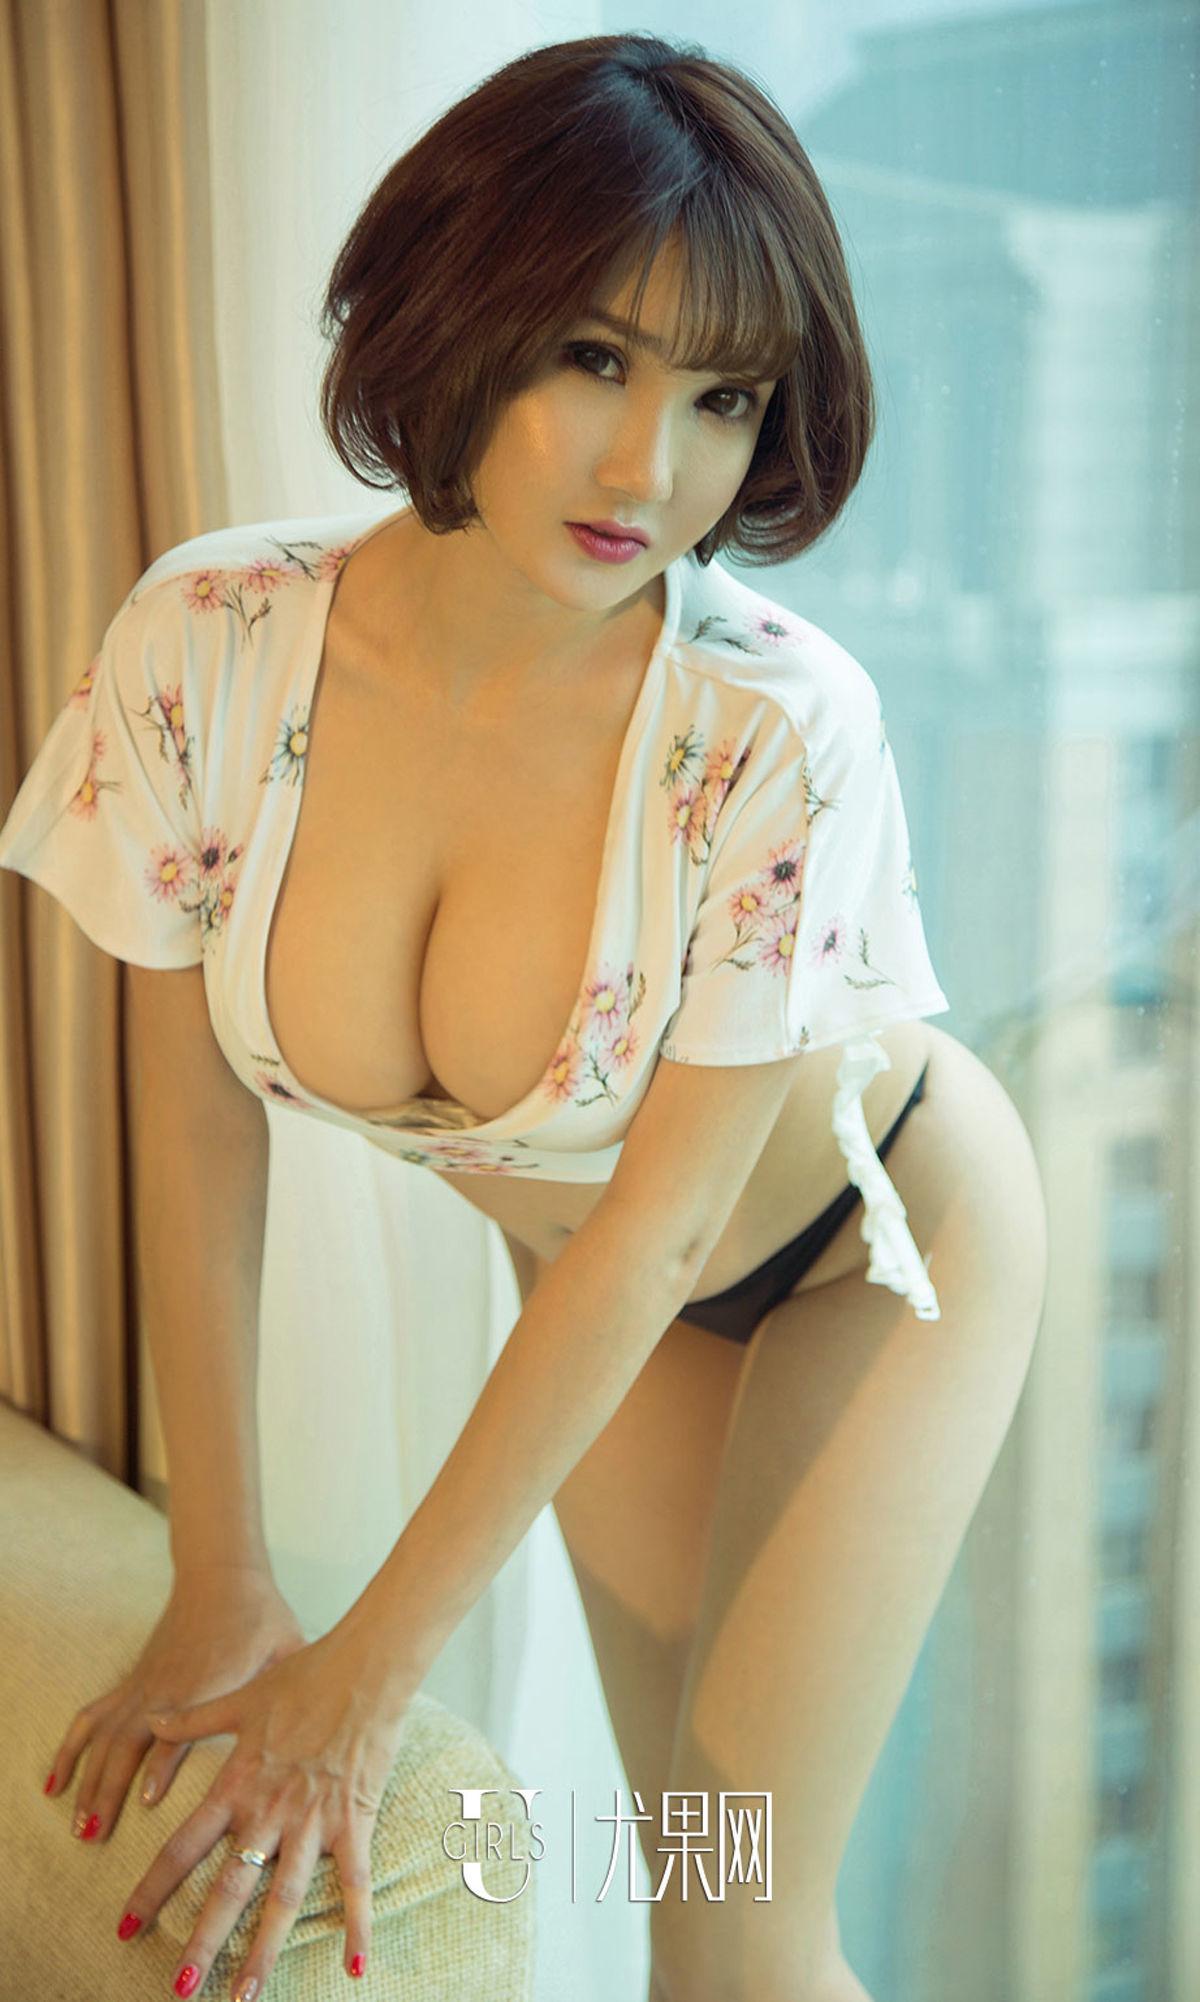 尚雨萱 - 冰感一夏 写真套图